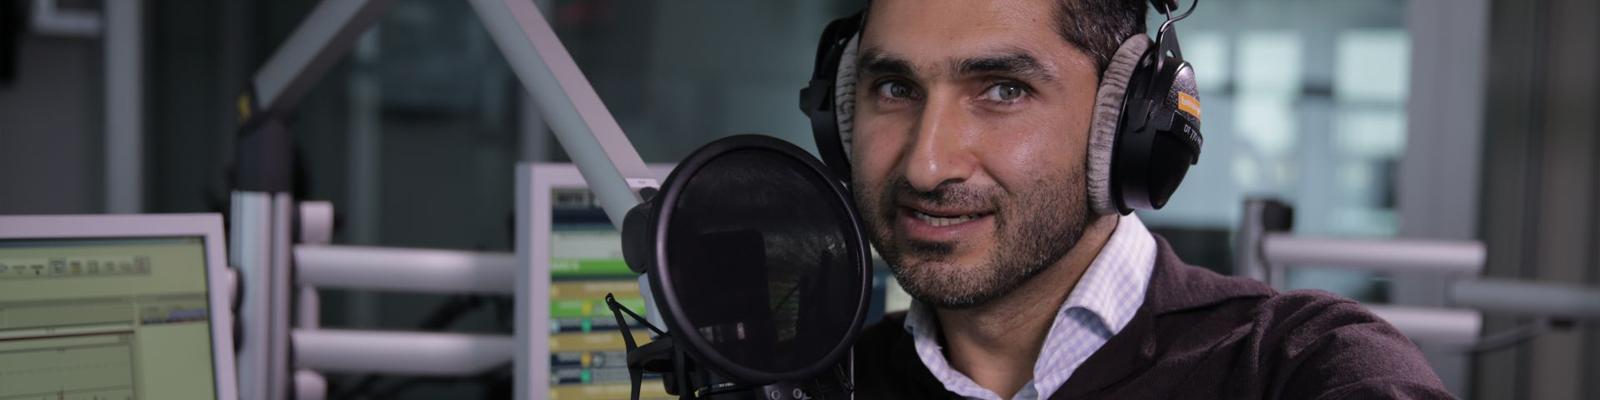 am Mikrofon